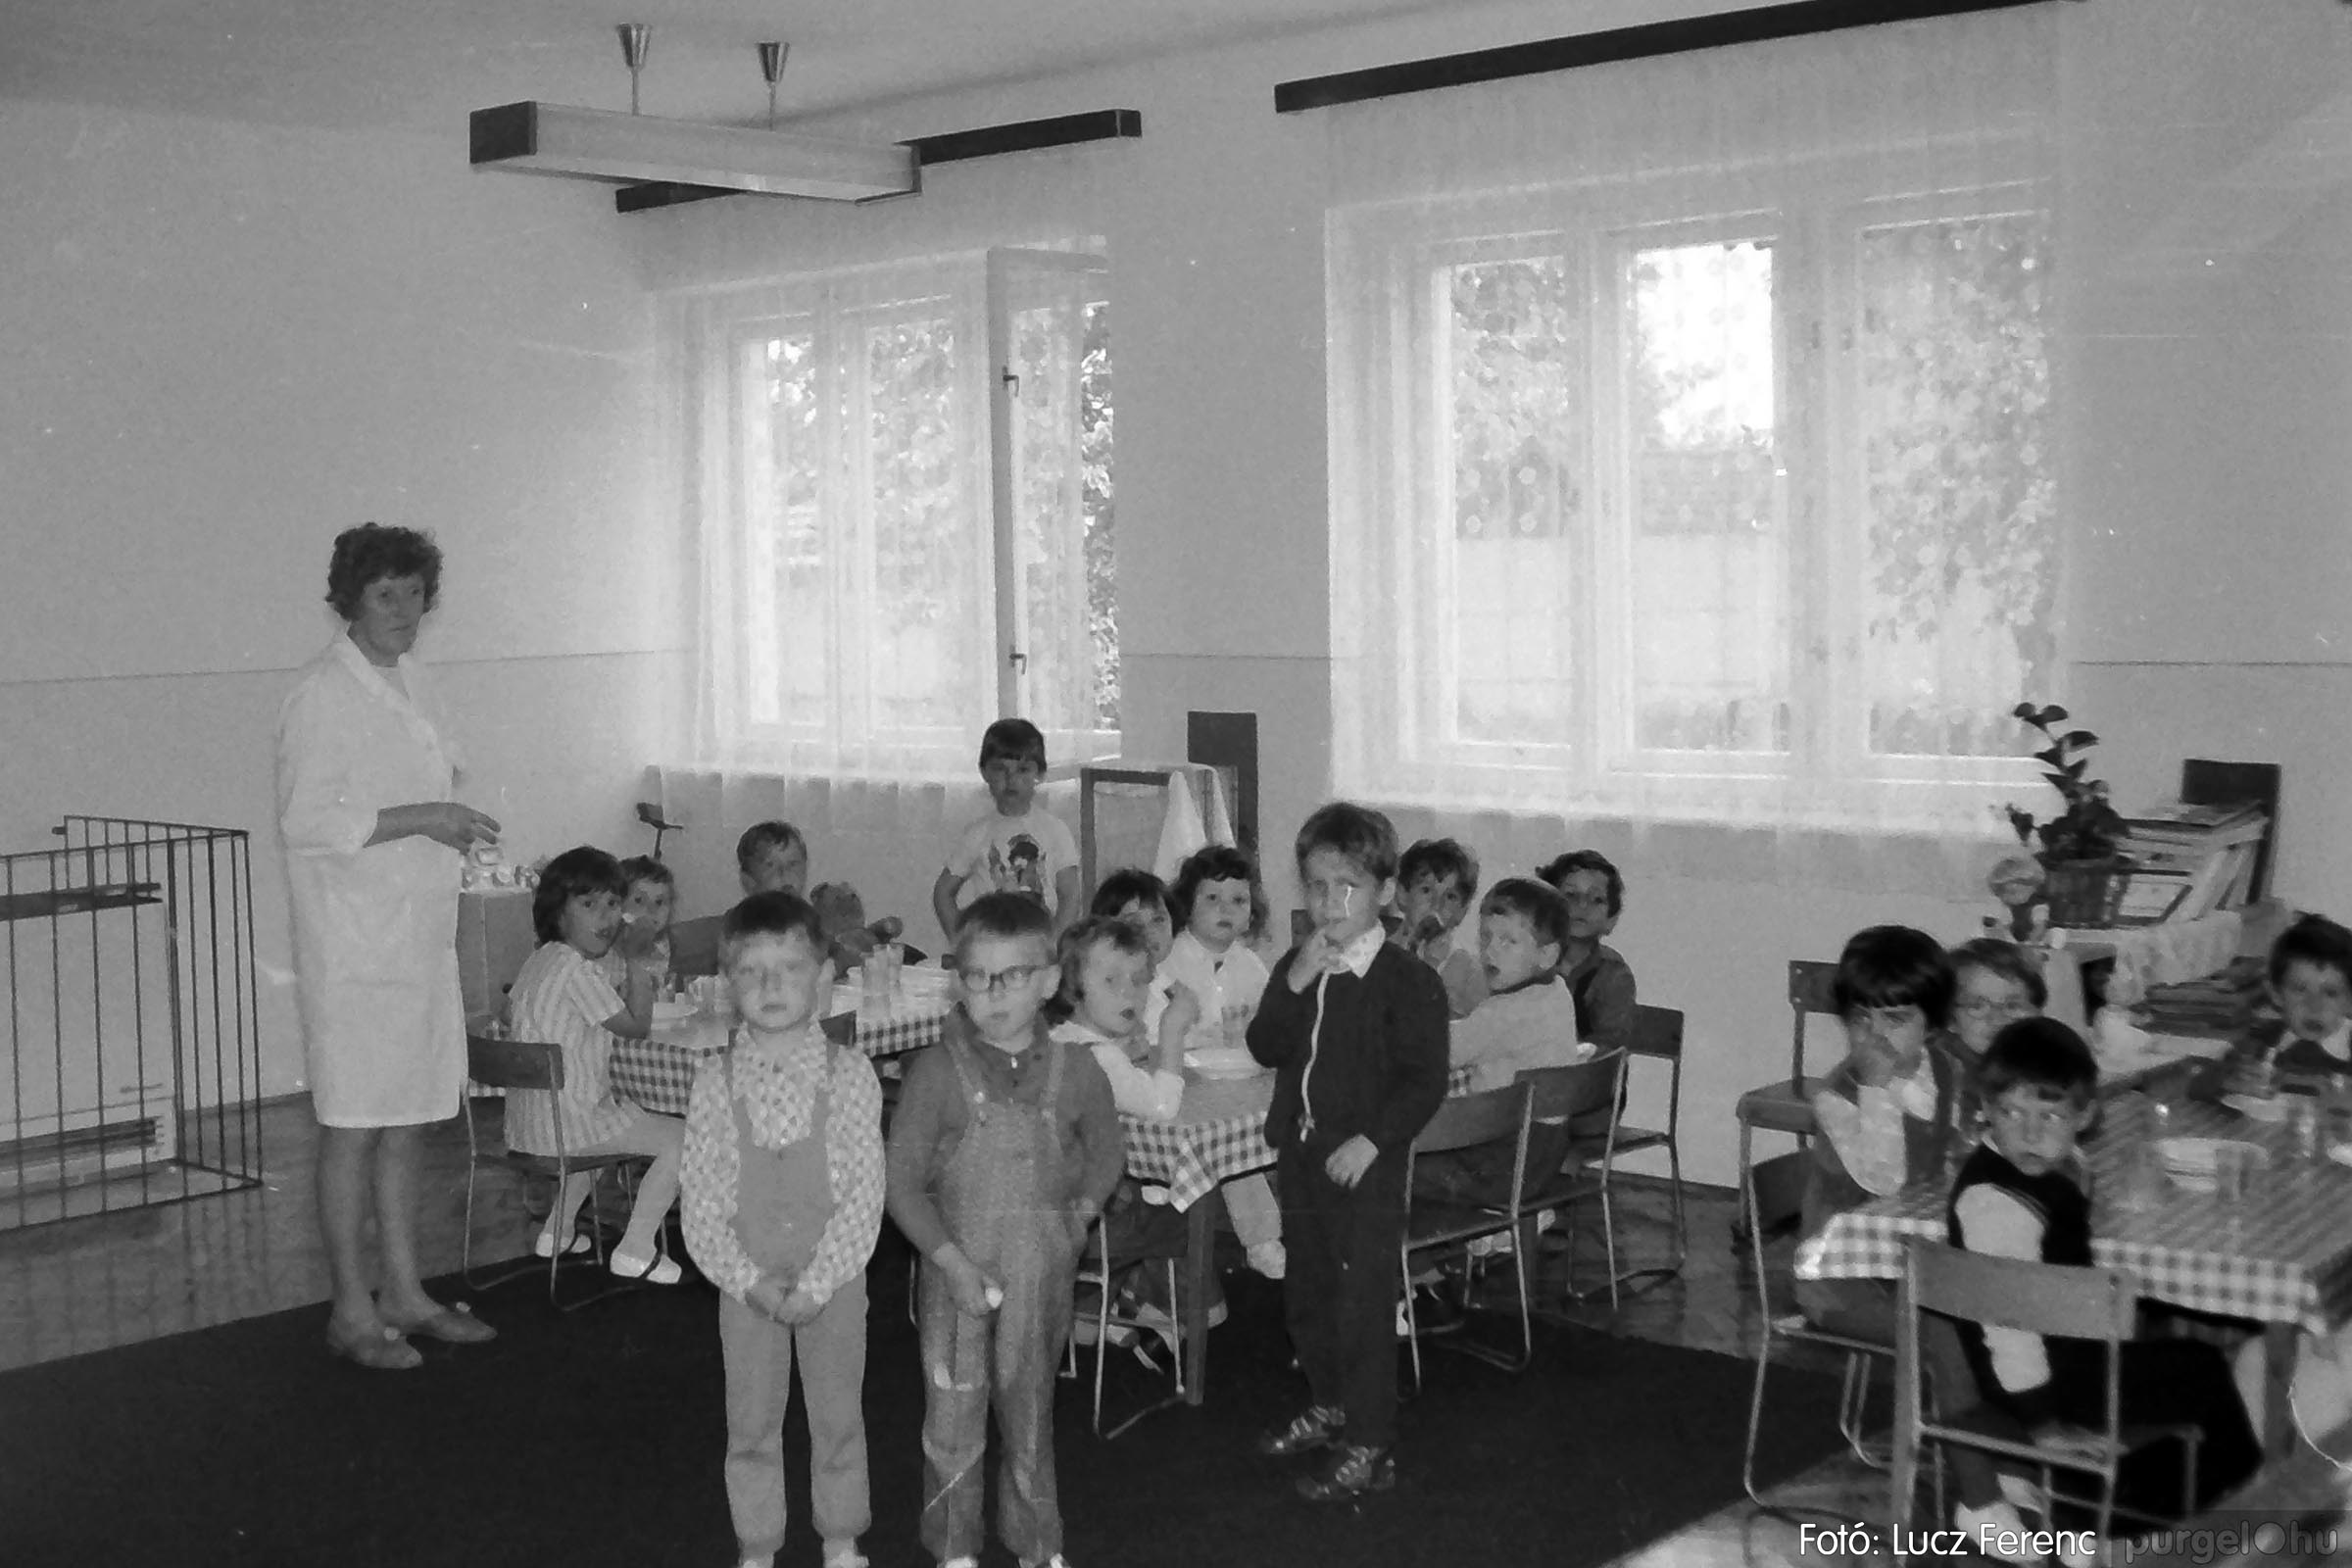 016 1975. Puskin TSZ kertészet szocialista brigád ajándéka az óvodának 002 - Fotó: Lucz Ferenc IMG00163q.jpg